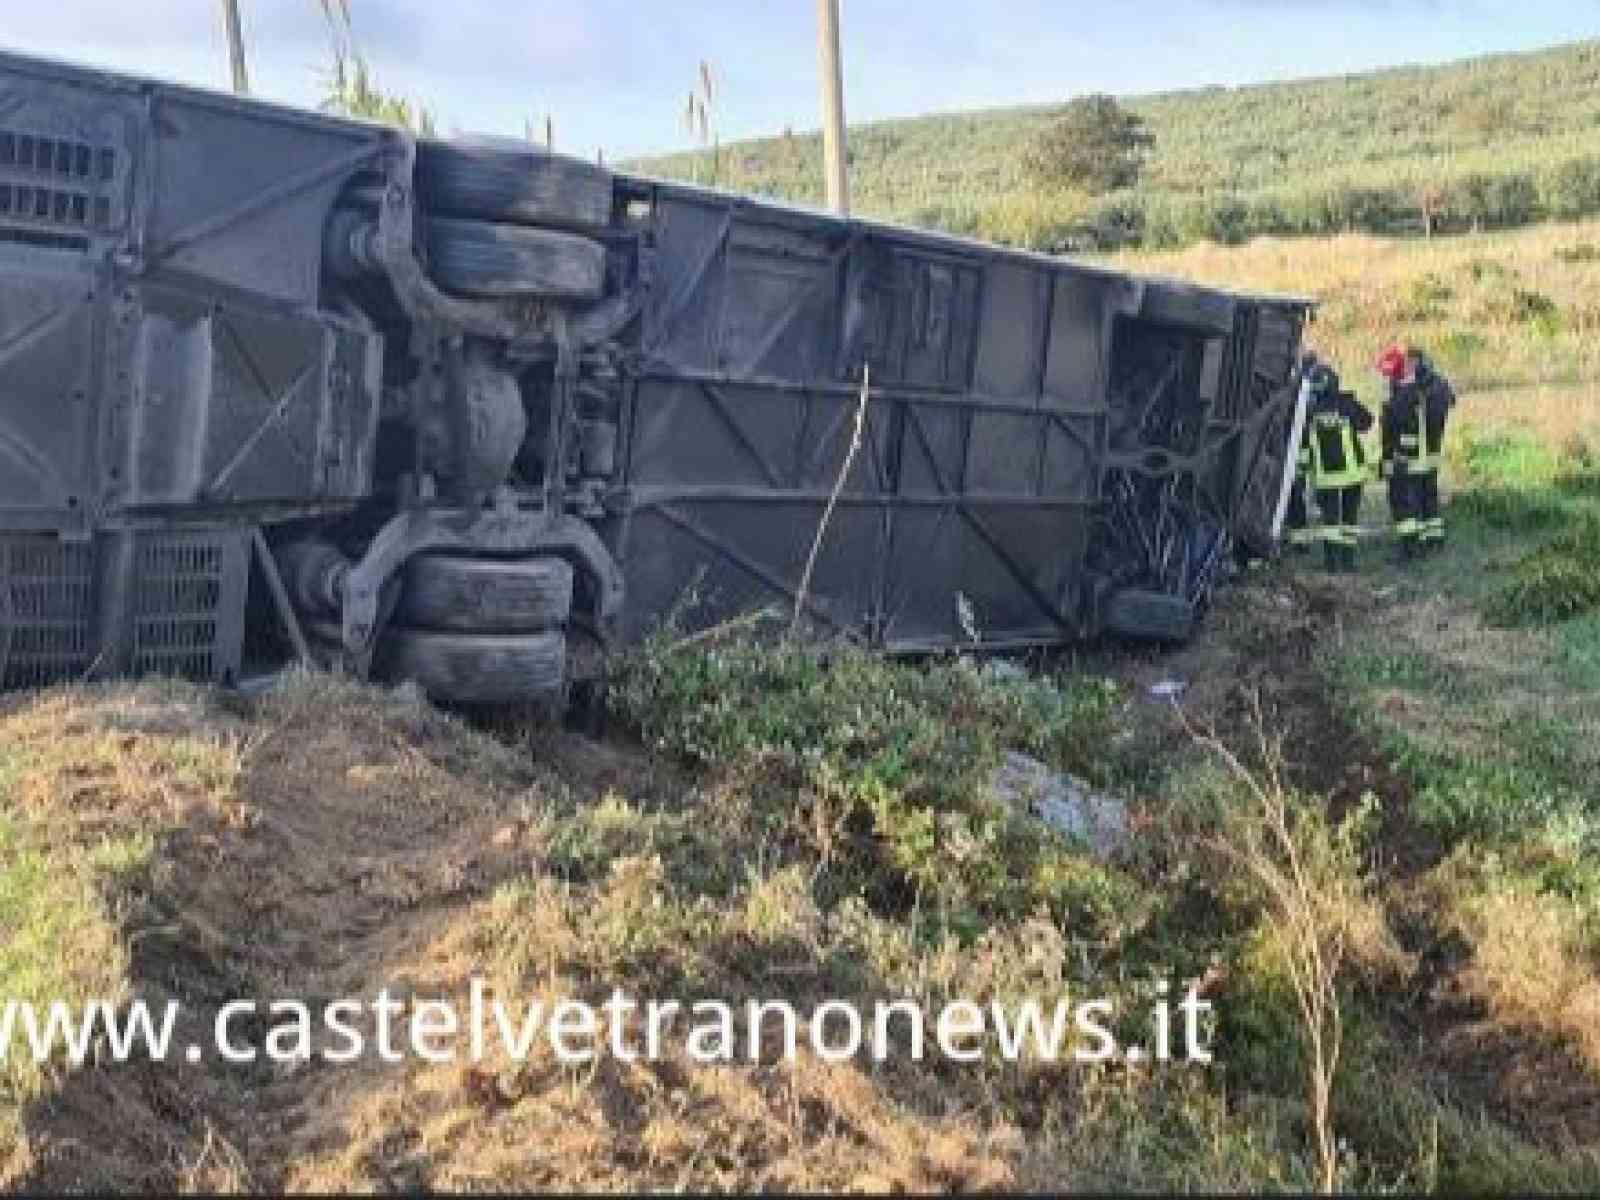 Immagine articolo: Gravissimo incidente mortale tra Santa Ninfa e CVetrano. Ci sono anche feriti in Ospedale